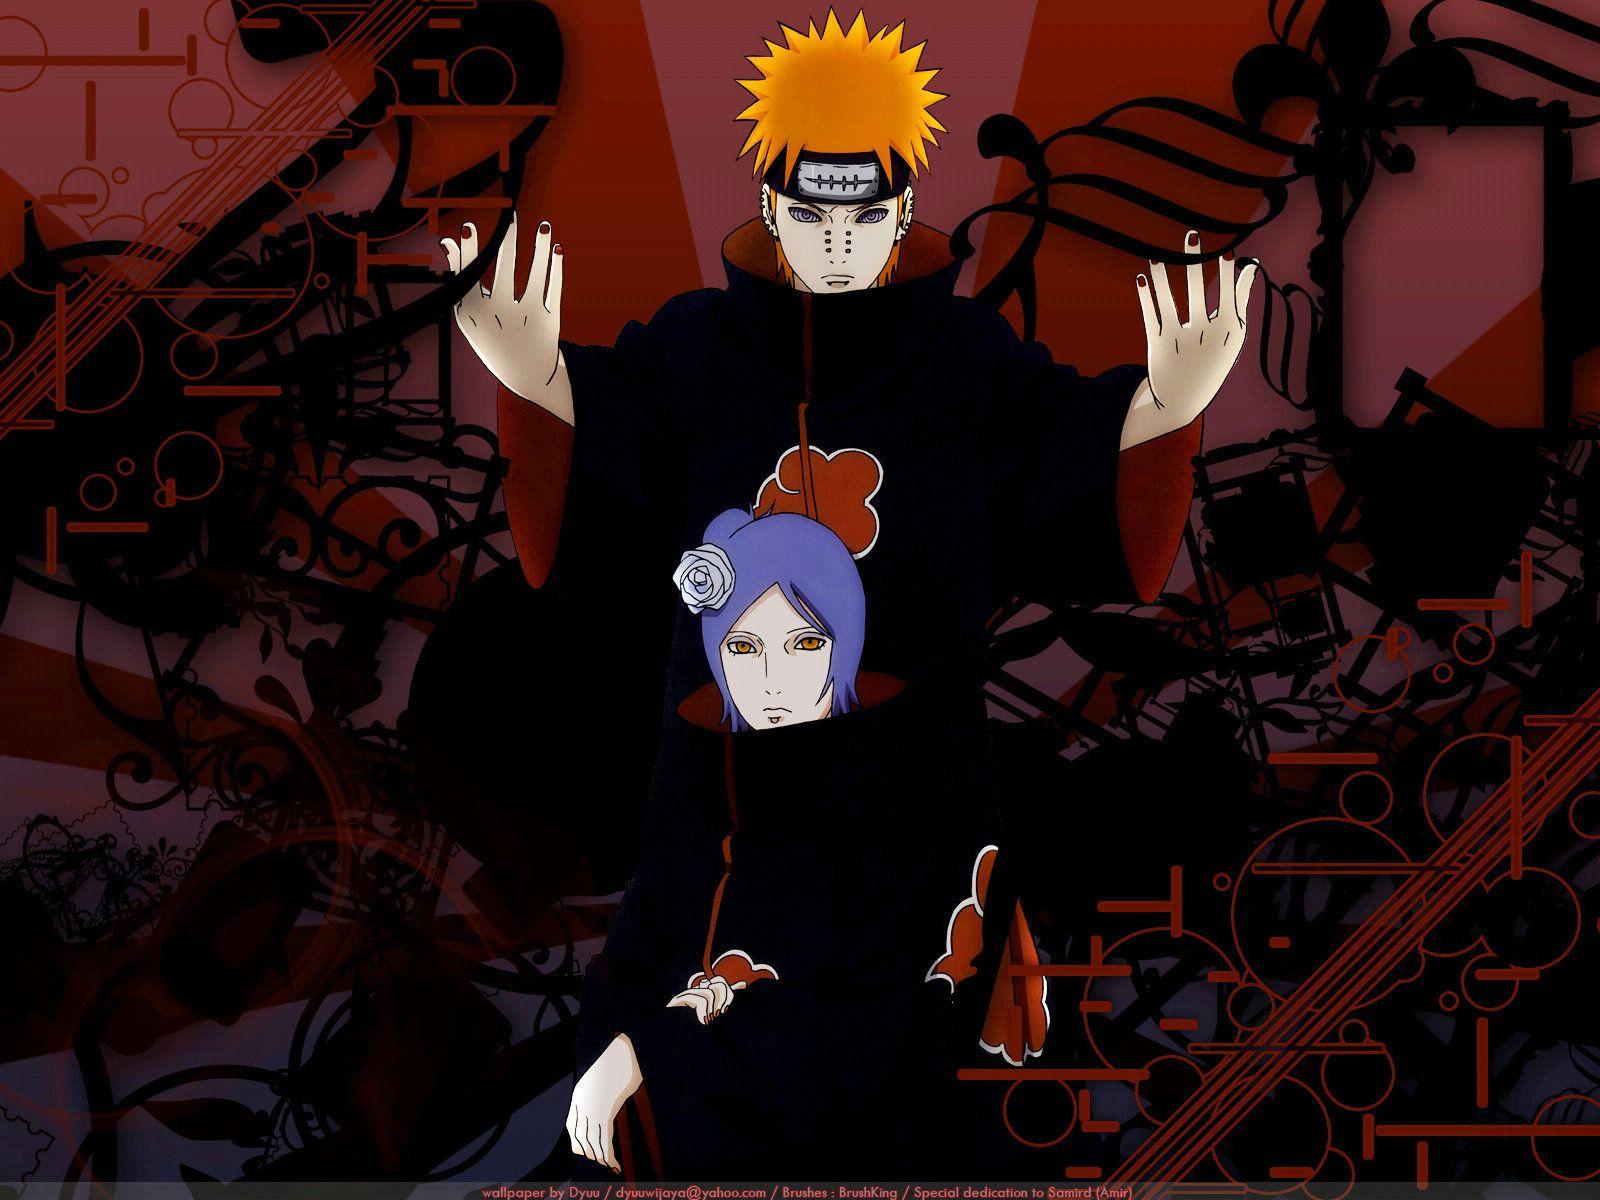 ナルト 壁紙 Naruto Wallpaper 壁紙